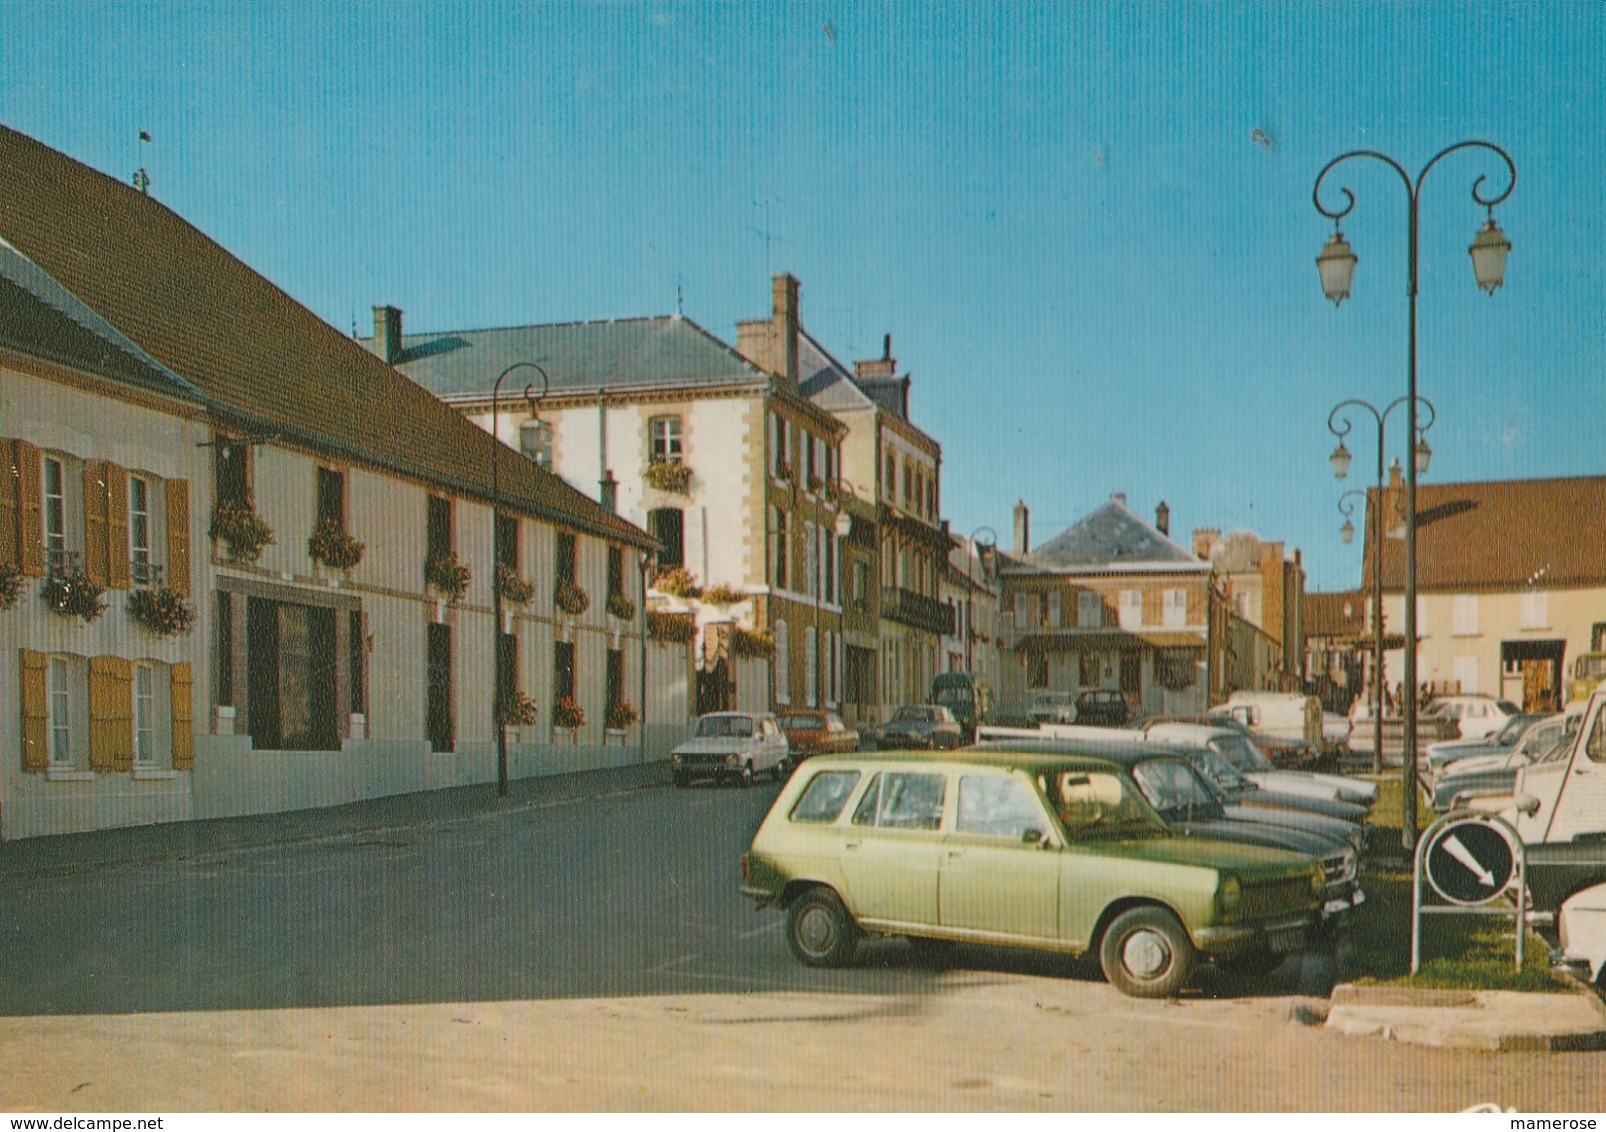 AVIZE (51). La Place Du Marché. Voitures: Renault 6 Et Autres Des Années 1965 -70 - Passenger Cars